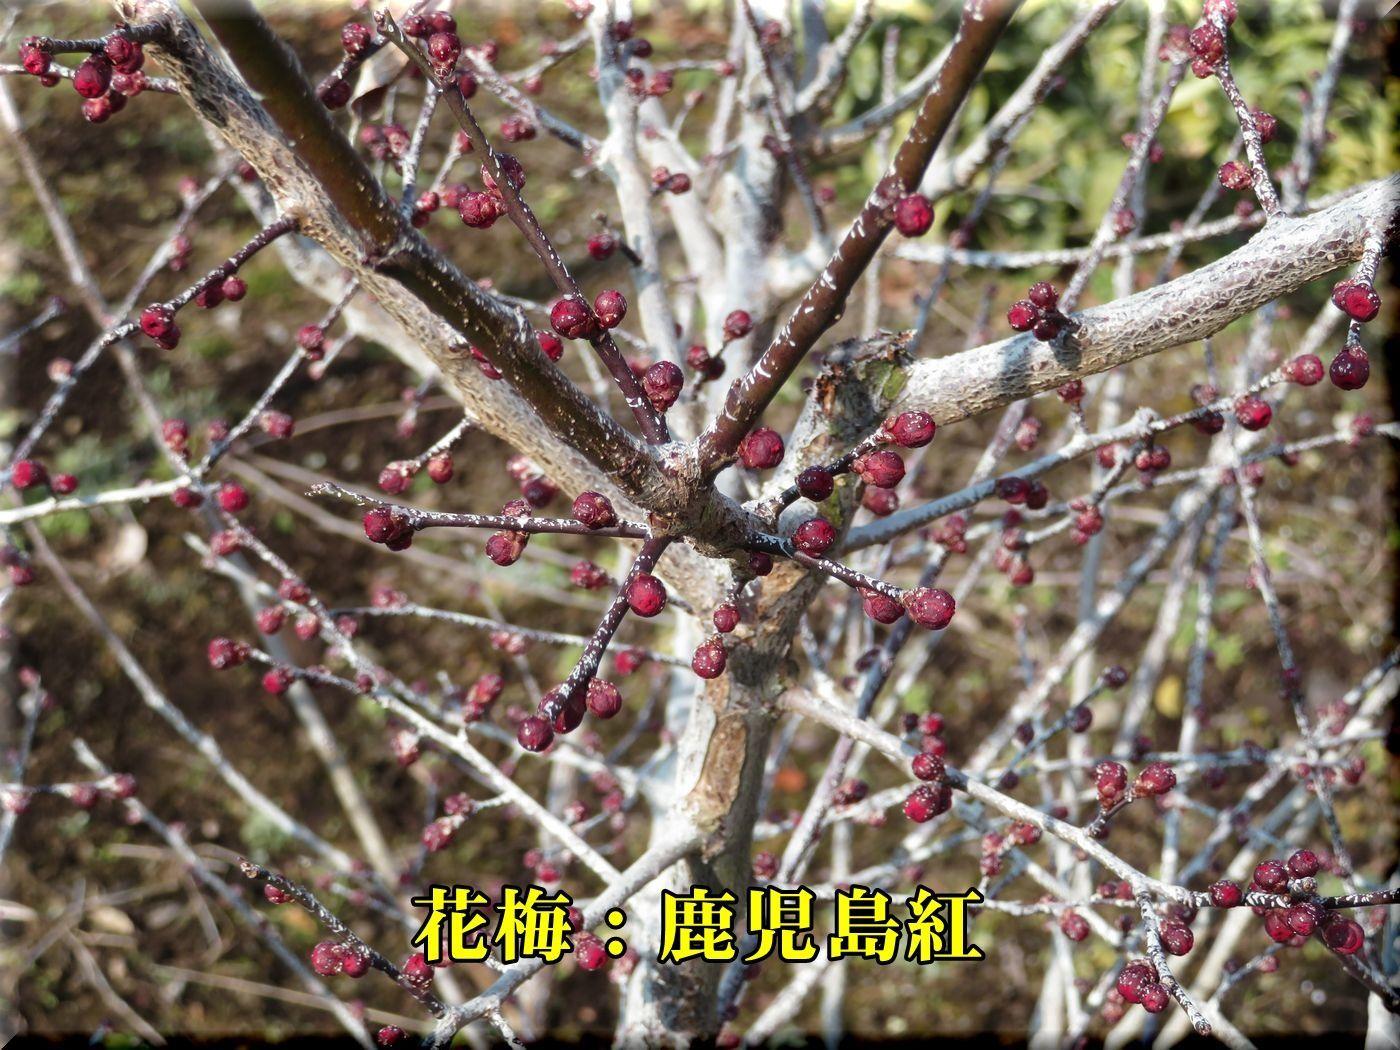 1kagosimabeni180129_022.jpg